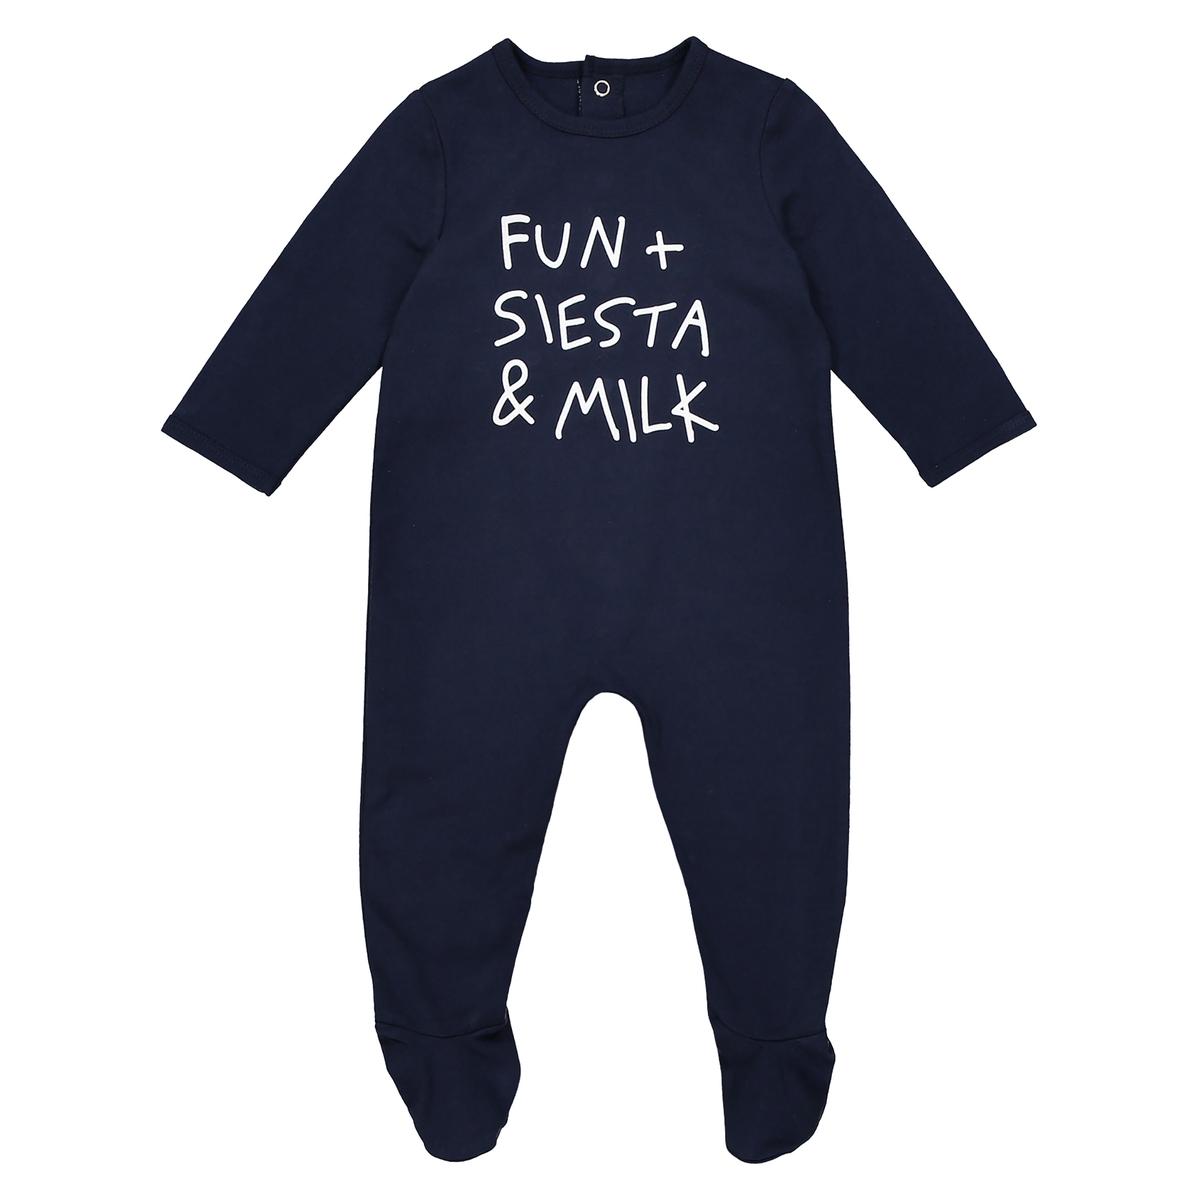 Пижама с застежкой на кнопки, 0 мес. - 3 года, знак Oeko TexОписание:Пижама с длинными рукавами и надписью FUN + SIESTA + MILK :  замечательная пижама для новорожденных.Детали •  Пижама с длинными рукавами и штанинами. •  Принт спереди : FUN + FIESTA + MILK. •  Носки с противоскользящими элементами для размеров от 12 месяцев  (74 см).  •  Застежка на кнопки сзади. •  Круглый вырез.Состав и уход •  Материал : 100% хлопок. •  Машинная стирка при 30° на умеренном режиме с изделиями схожих цветов. •  Стирать, сушить и гладить с изнаночной стороны. •  Машинная сушка на умеренном режиме. •  Гладить при низкой температуре.Товарный знак Oeko-Tex® . Знак Oeko-Tex® гарантирует, что товары прошли проверку и были изготовлены без применения вредных для здоровья человека веществ.<br><br>Цвет: синий морской<br>Размер: 2 года - 86 см.18 мес. - 81 см.1 год - 74 см.9 мес. - 71 см.3 года - 94 см.6 мес. - 67 см